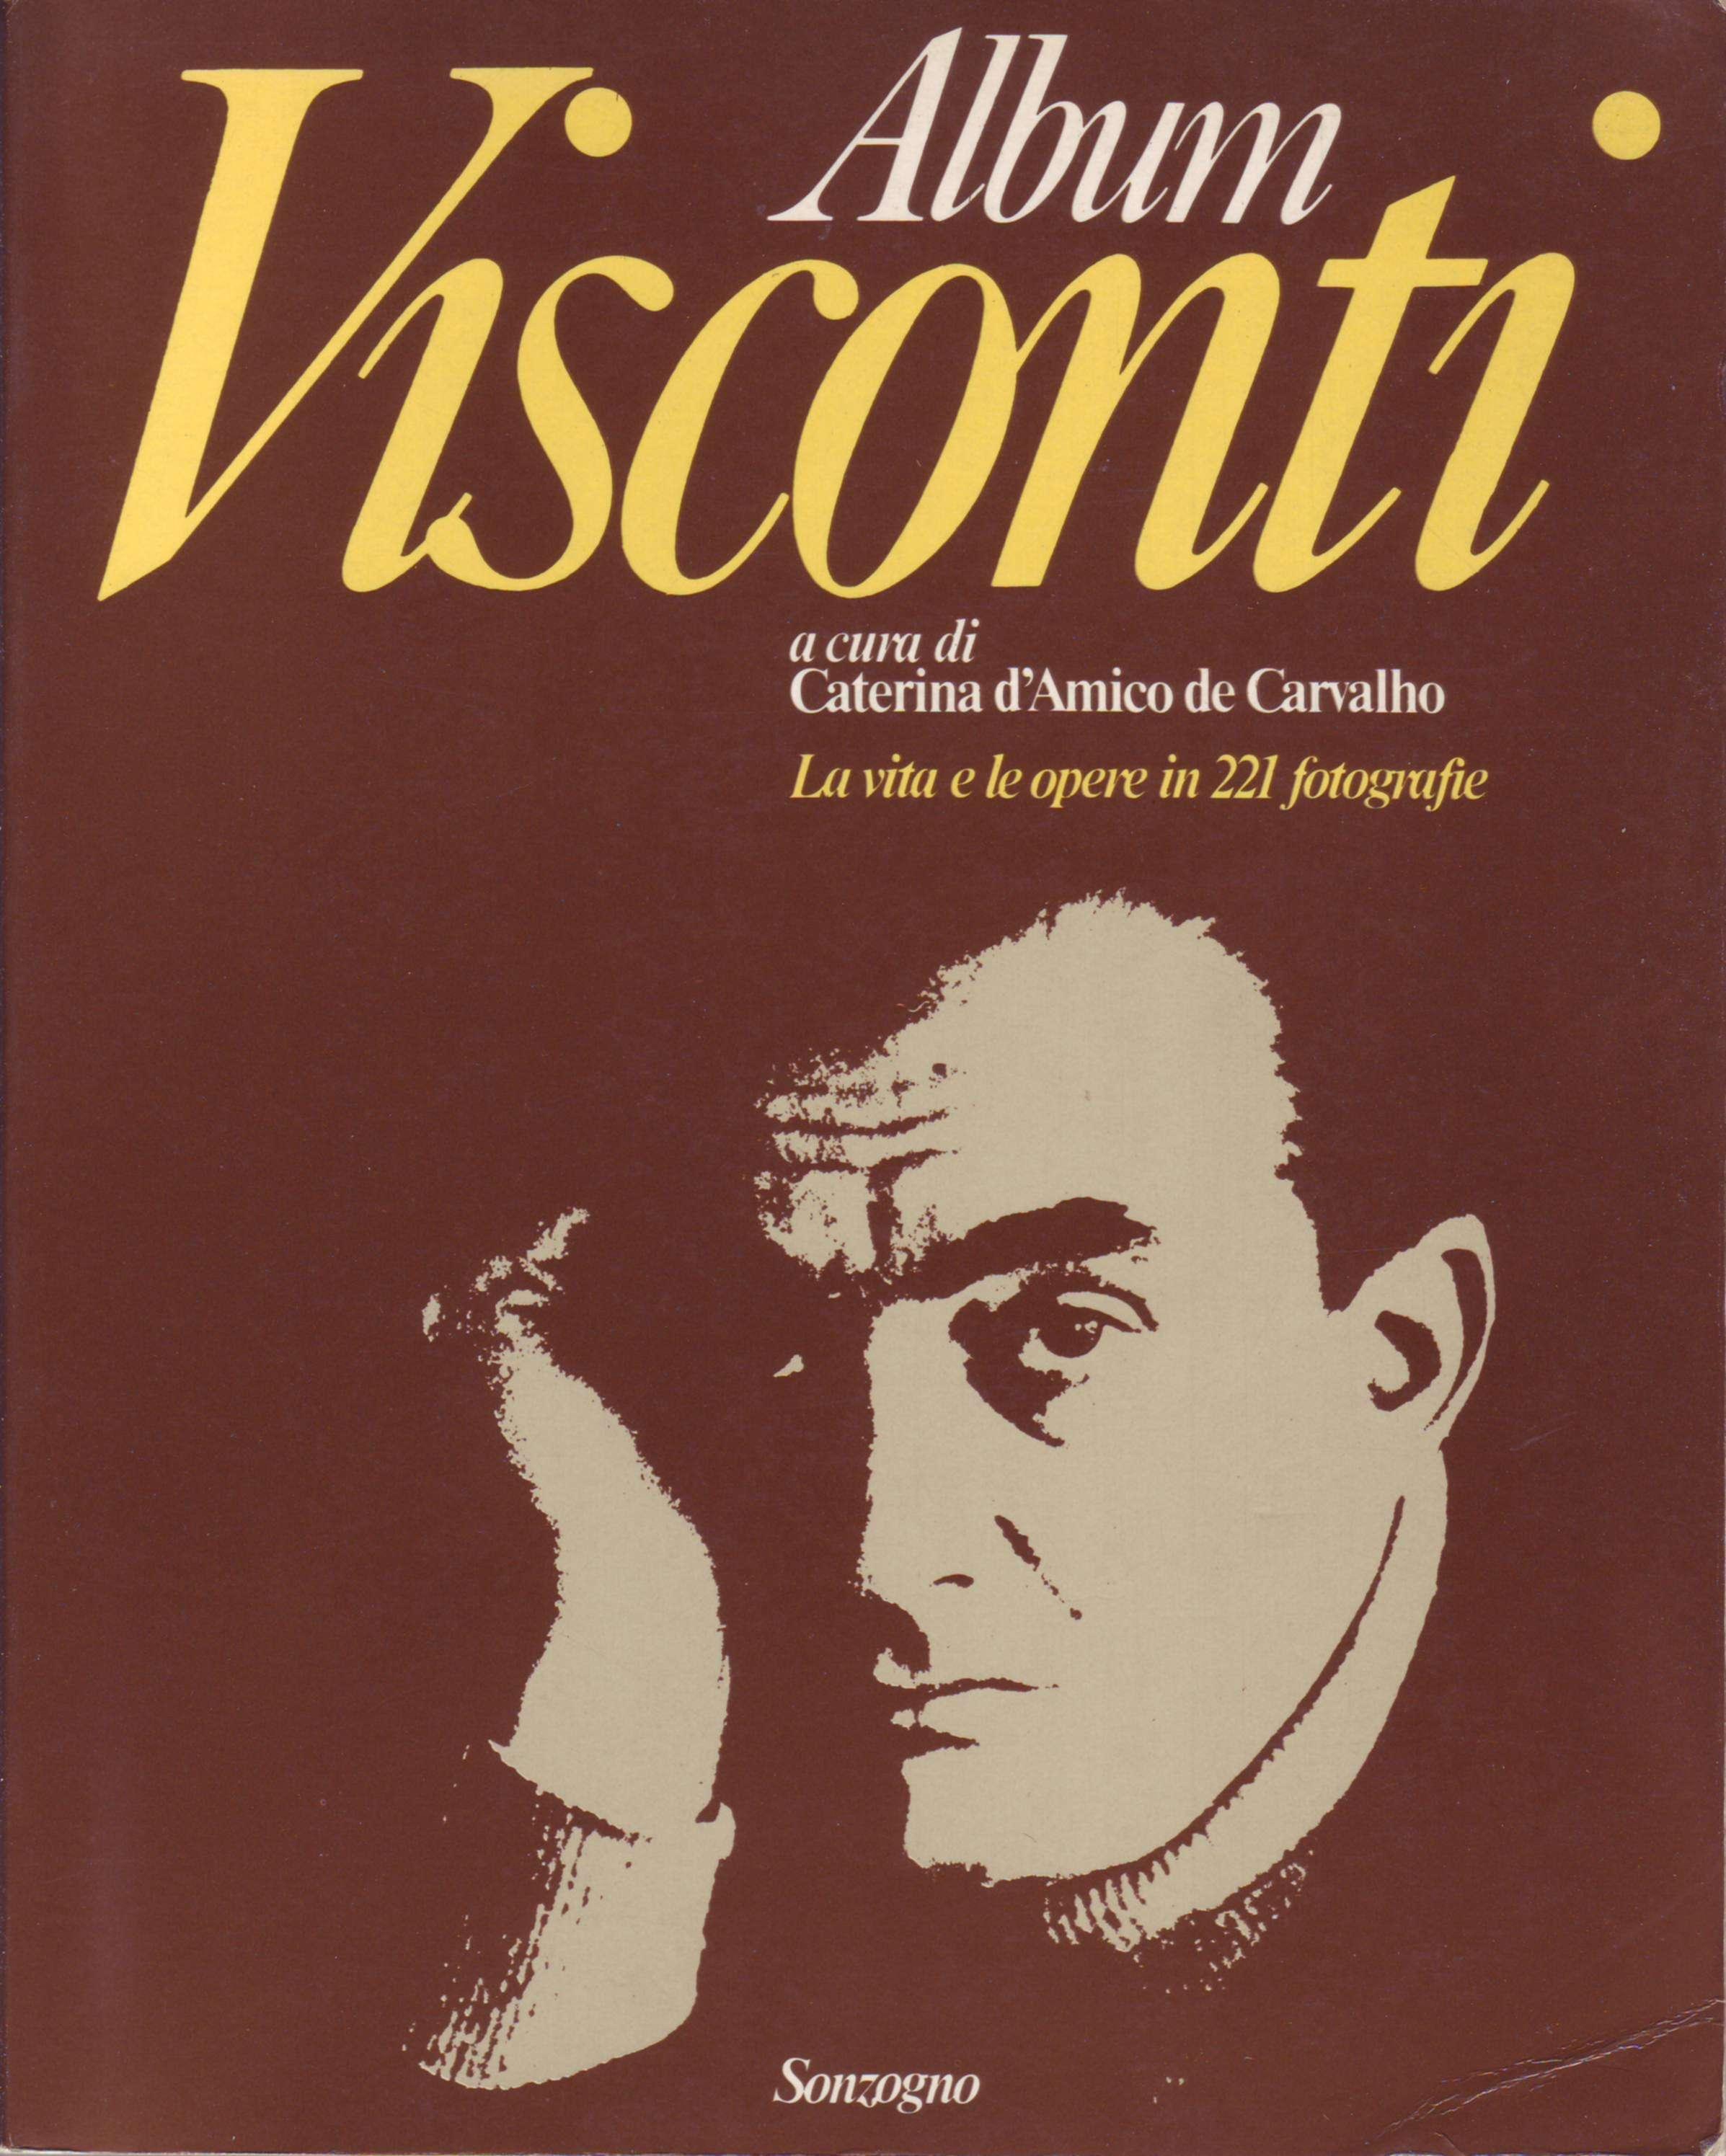 Album Visconti